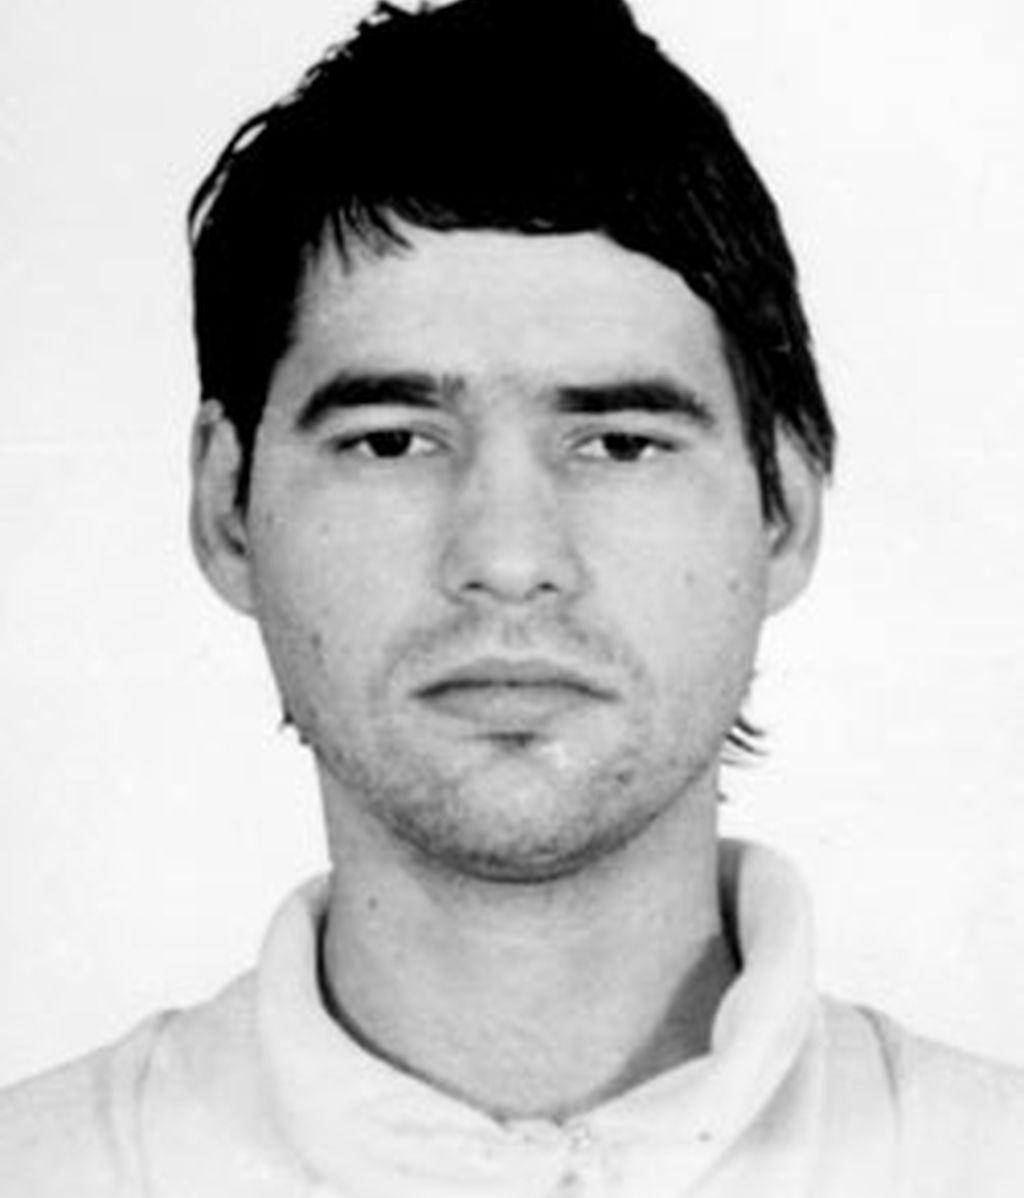 Fotografía de archivo (años ochenta, sin fecha) del etarra Antonio Troitiño, condenado a más de 2.200 años de prisión por más de veinte asesinatos en los años 80. Foto: EFE.